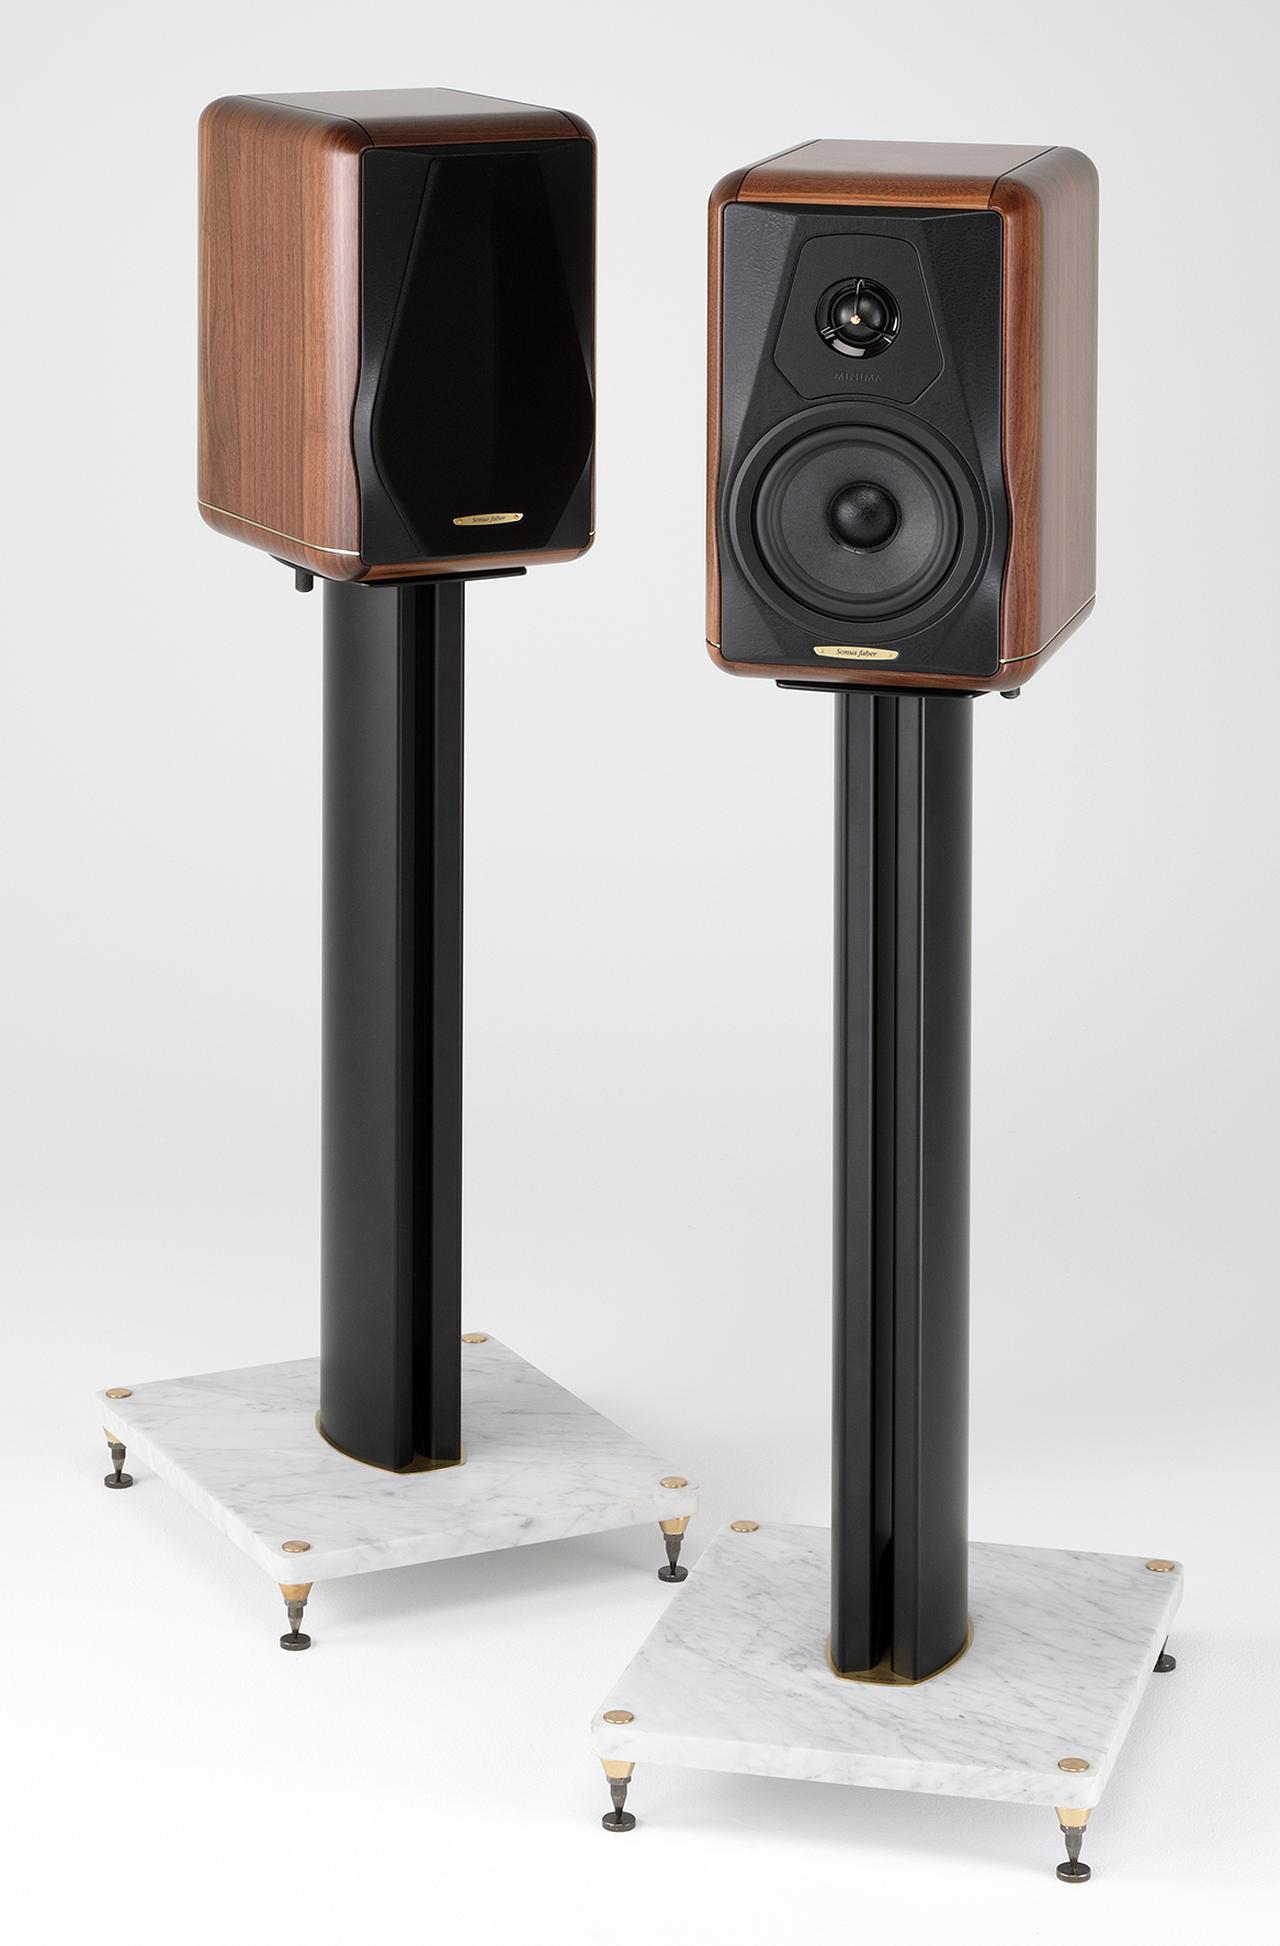 画像: ソナス・ファベール「MINIMA AMATOR Ⅱ」木質感溢れる意匠に相応しい、親しみ深い音調のバスレフ型2ウェイ2スピーカー。